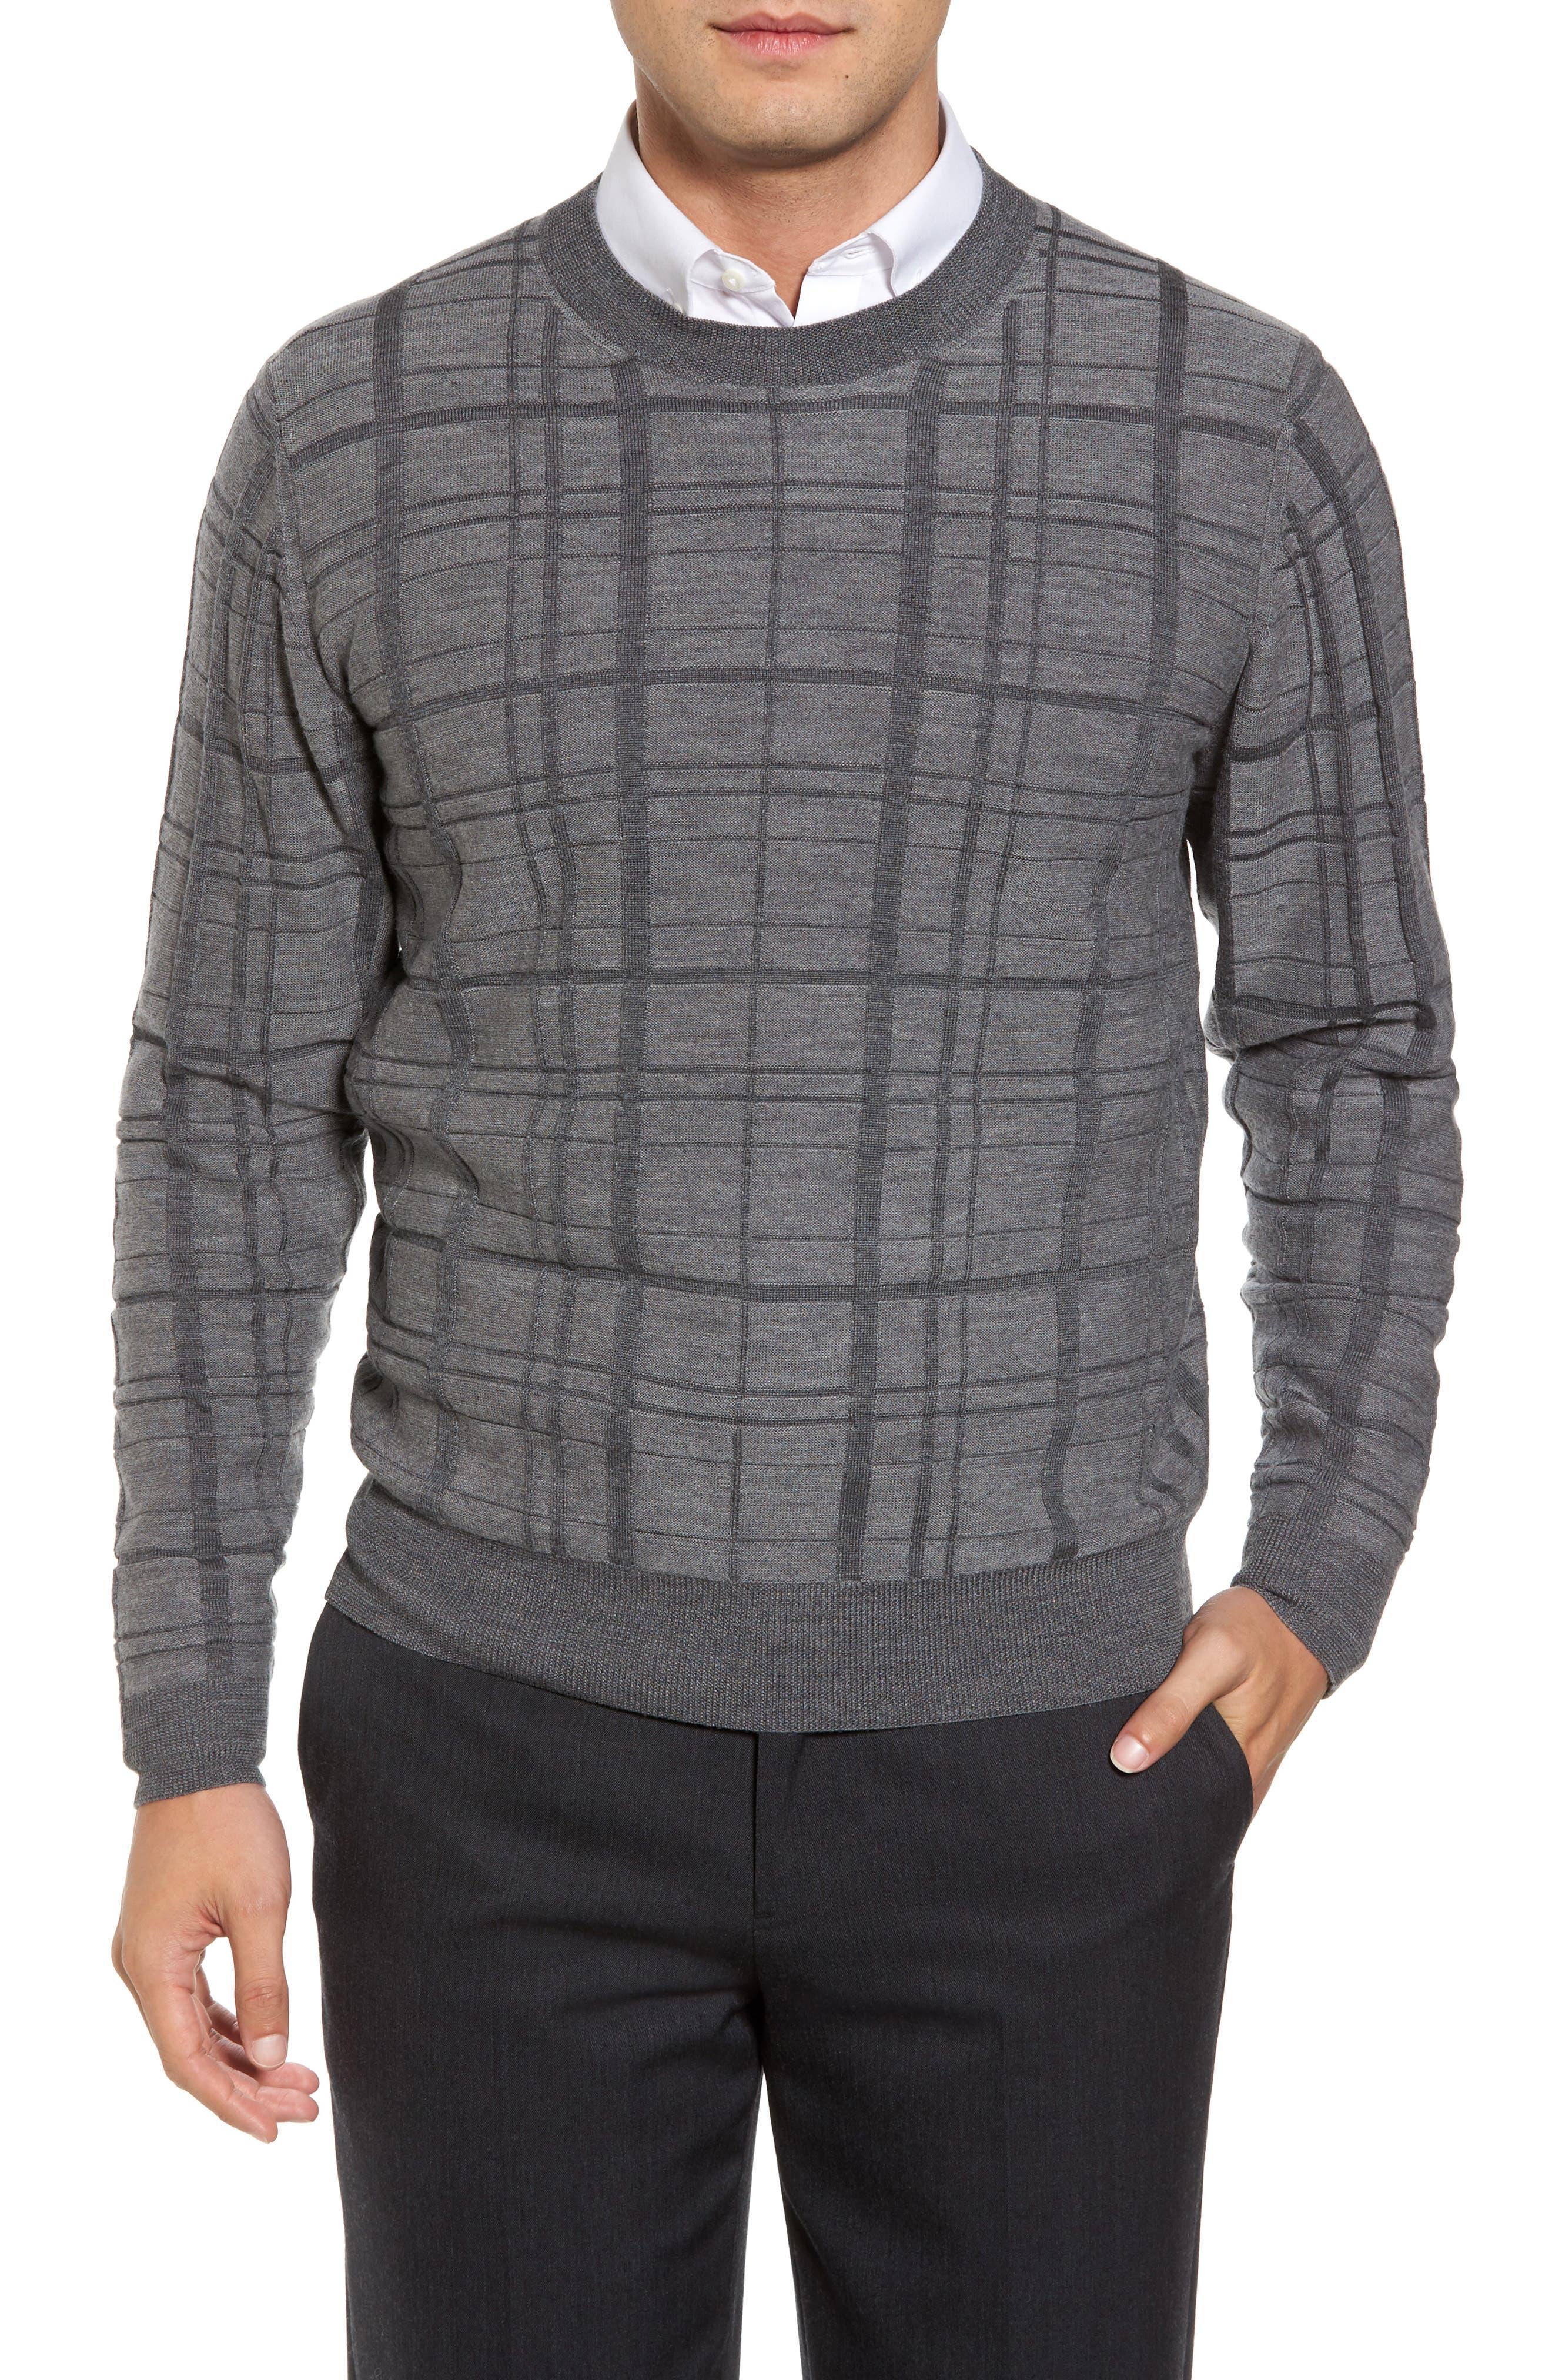 Main Image - Bobby Jones Tonal Grid Wool Sweater